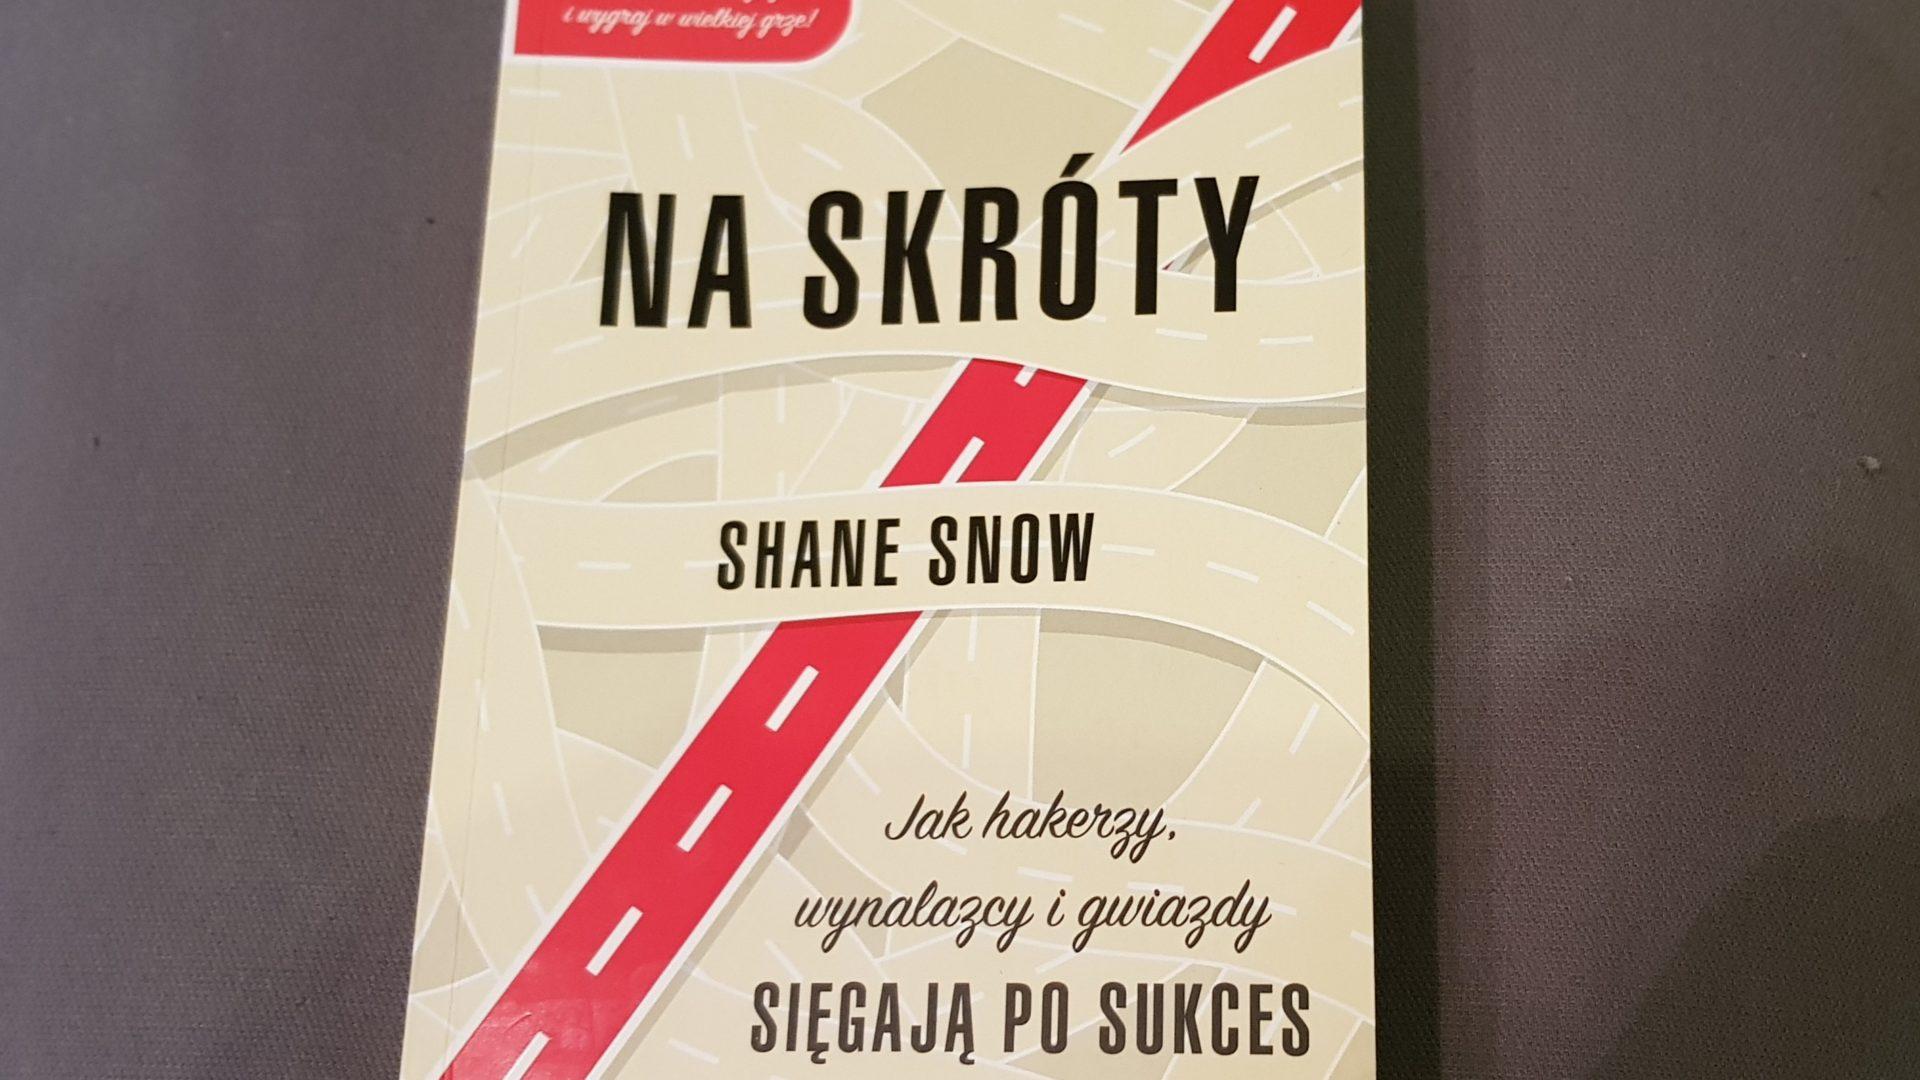 Na skróty, jak hakerzy, wynalazcy i gwiazdy sięgają po sukces. - Shane Snow